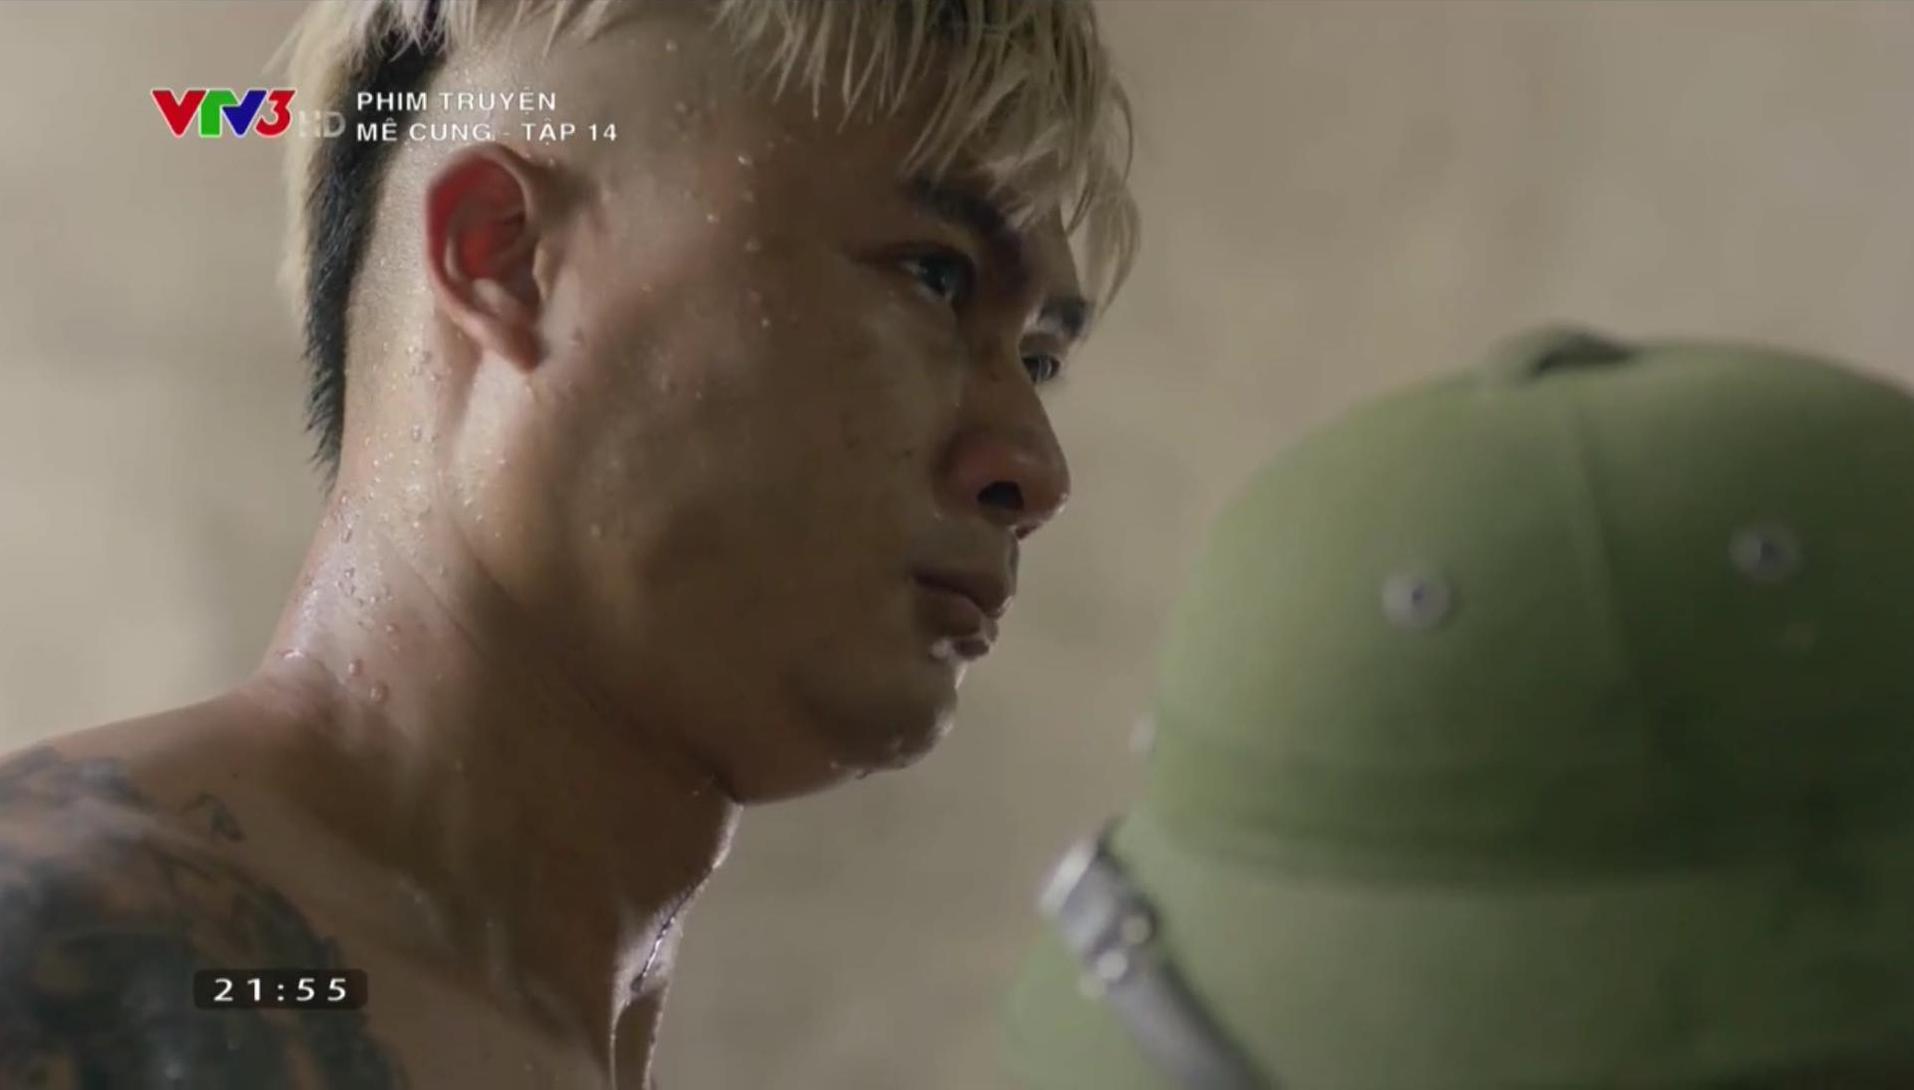 Tập 14 phim 'Mê Cung': Được cứu mạng, Cường Lâm không cảm kích mà dùng súng đe doạ Khánh?